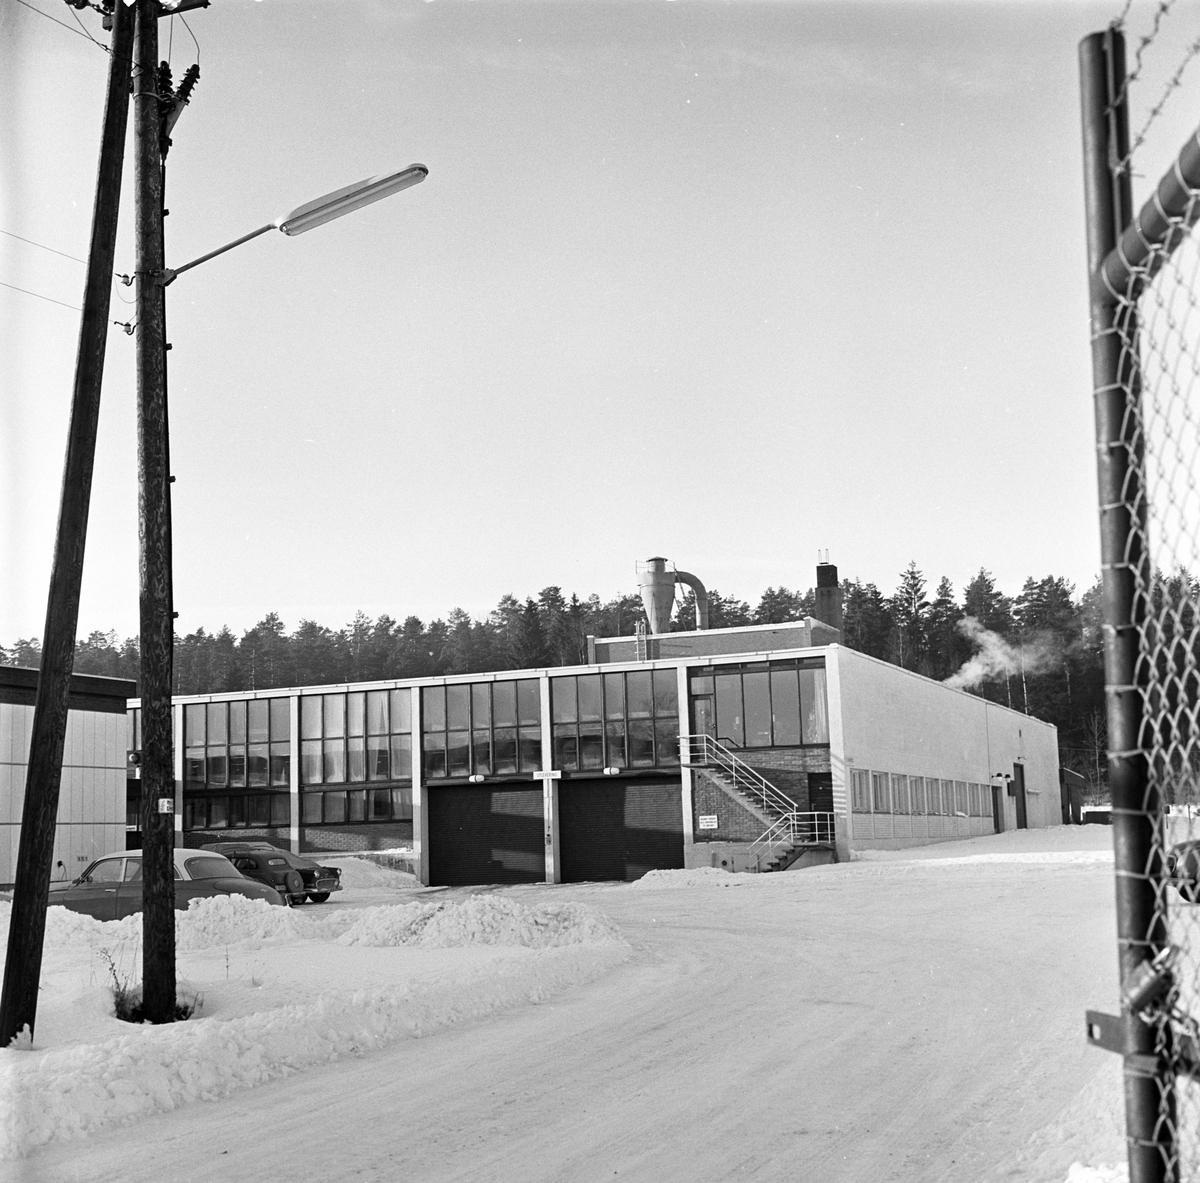 Lørenskog,08.01.1964, industribygg.